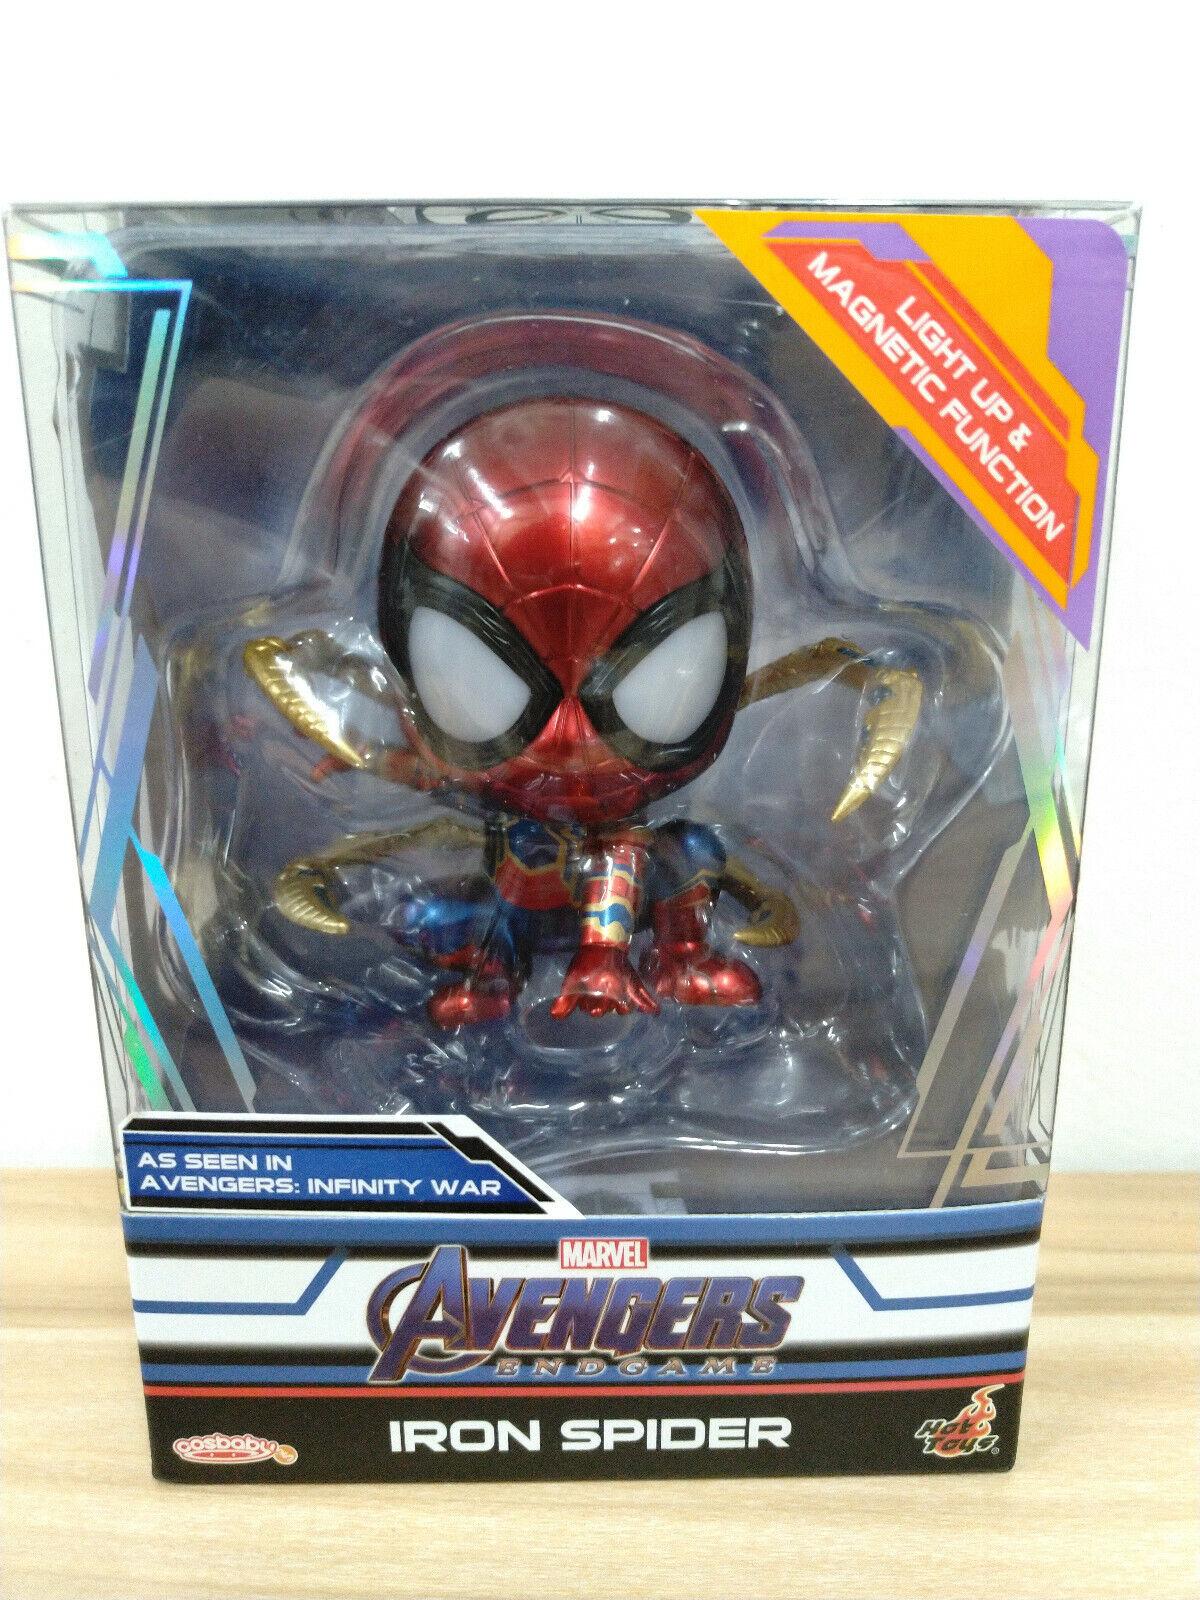 Hot toys Cosbaby Marvel Avengers Avengers Avengers  Endgame Iron Spider Light Up Version COSB559 372e50